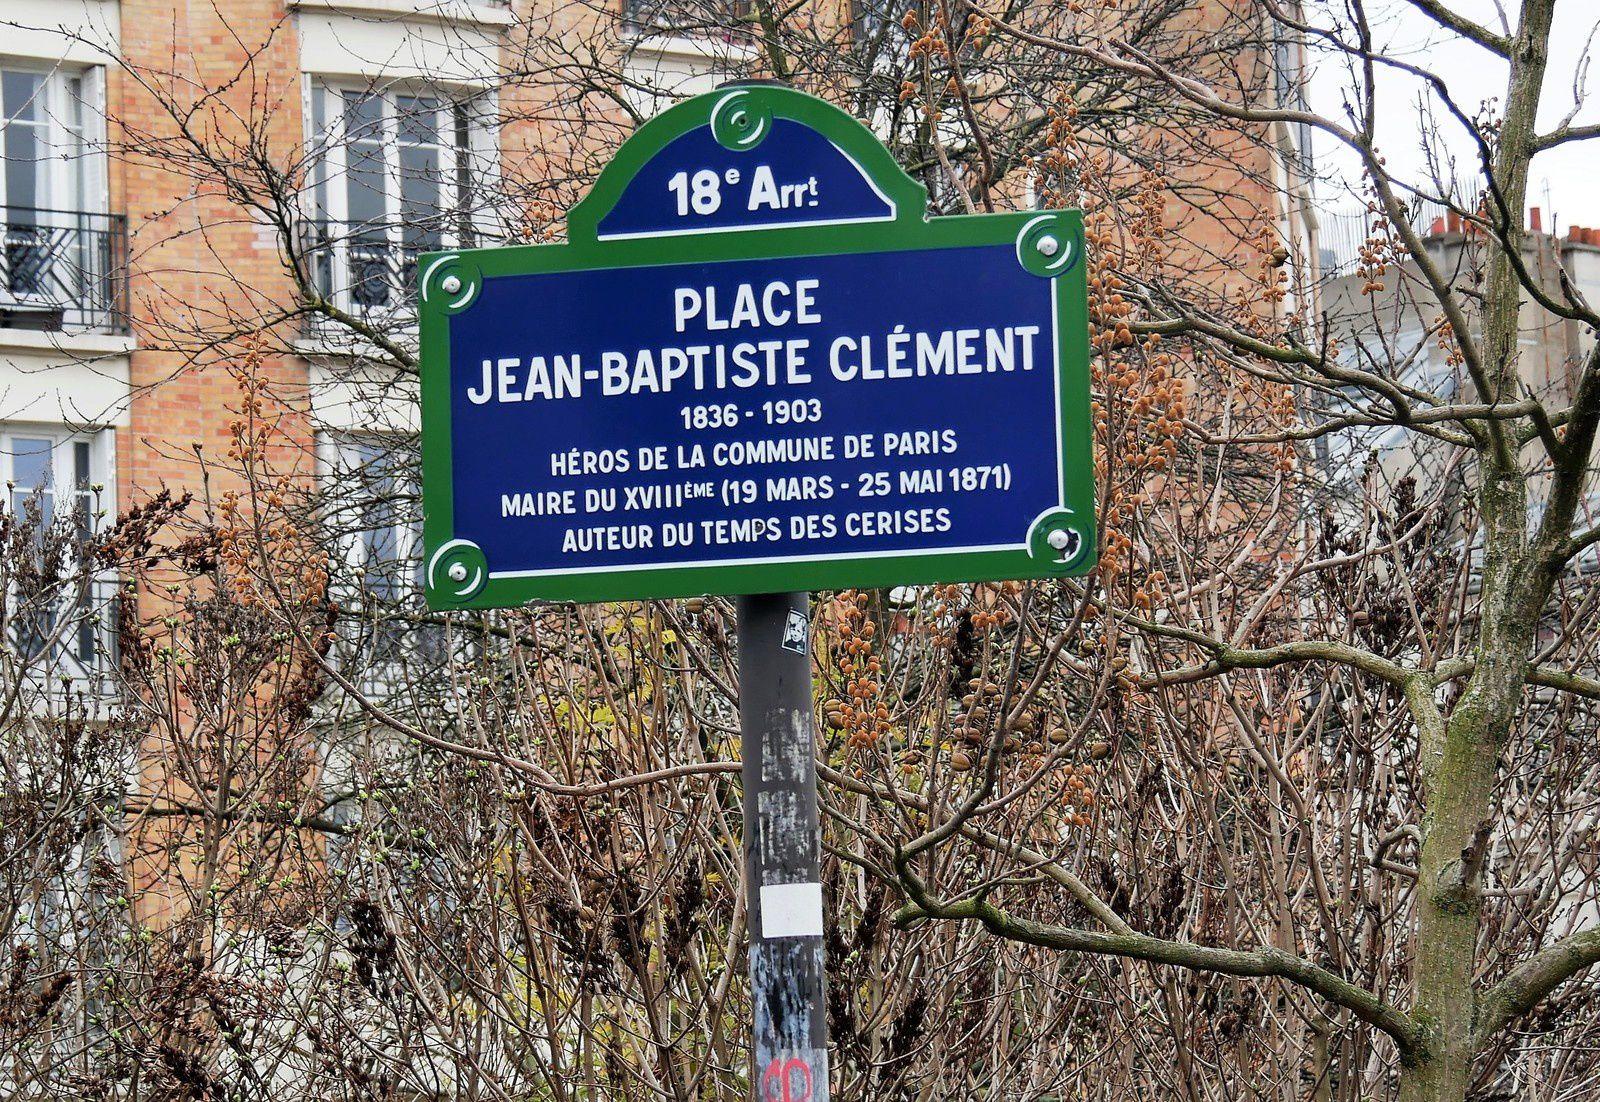 Mêmes erreurs sur la plaque! Il ne fut jamais maire de Montmartre! Il n'eut jamais de trait d'union!